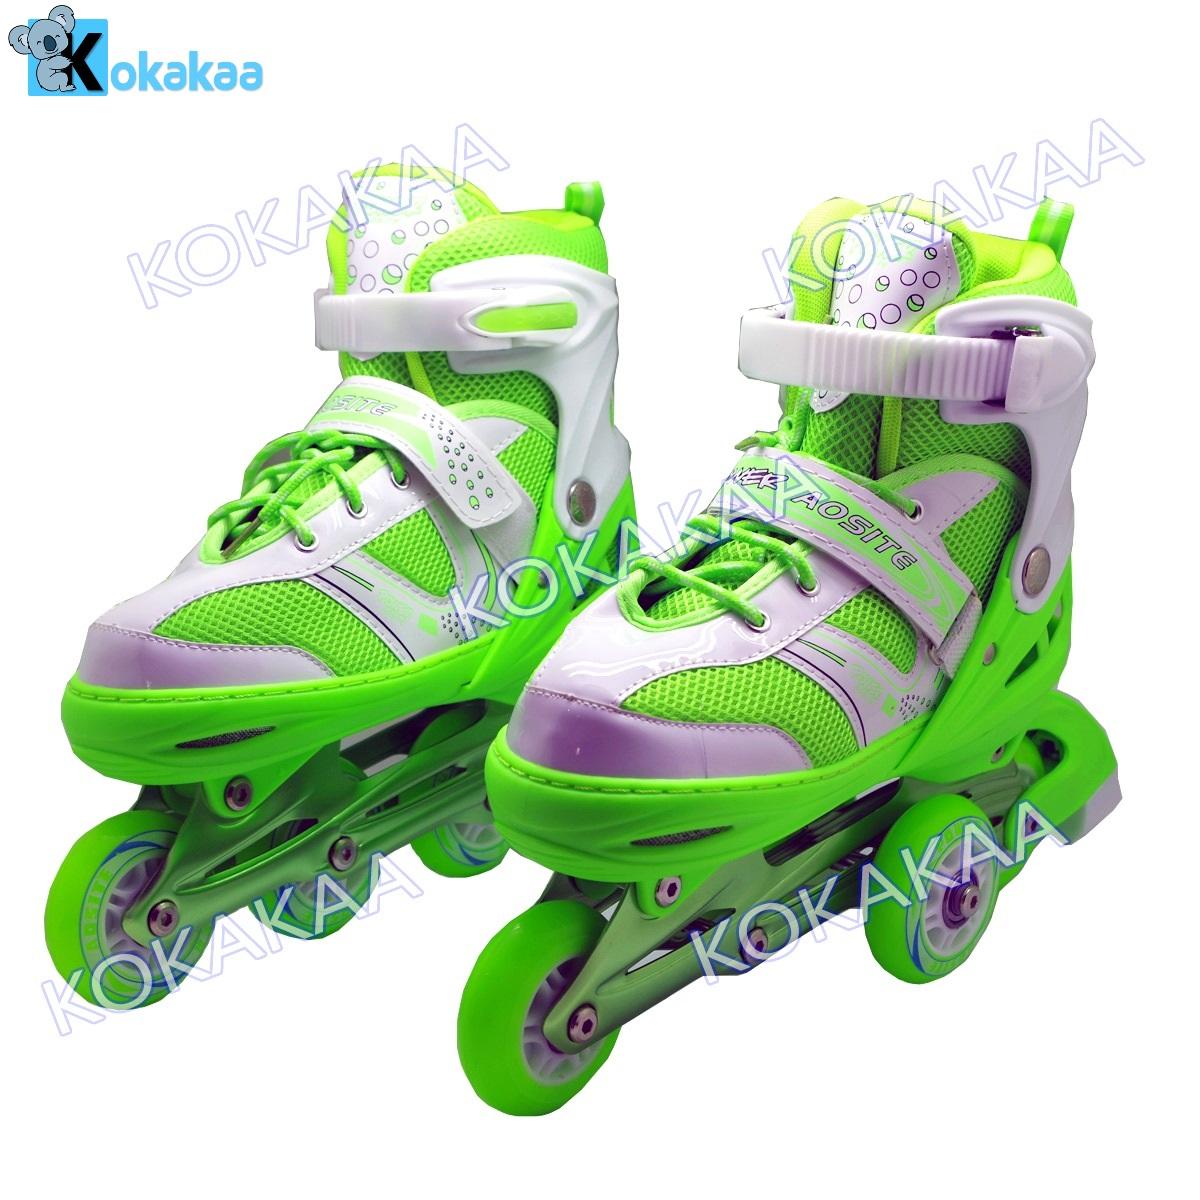 Power Sport Two Stripes 5000 Aosite Inline Skate Sepatu Roda 2 In 1 ... 6b5c3a907e